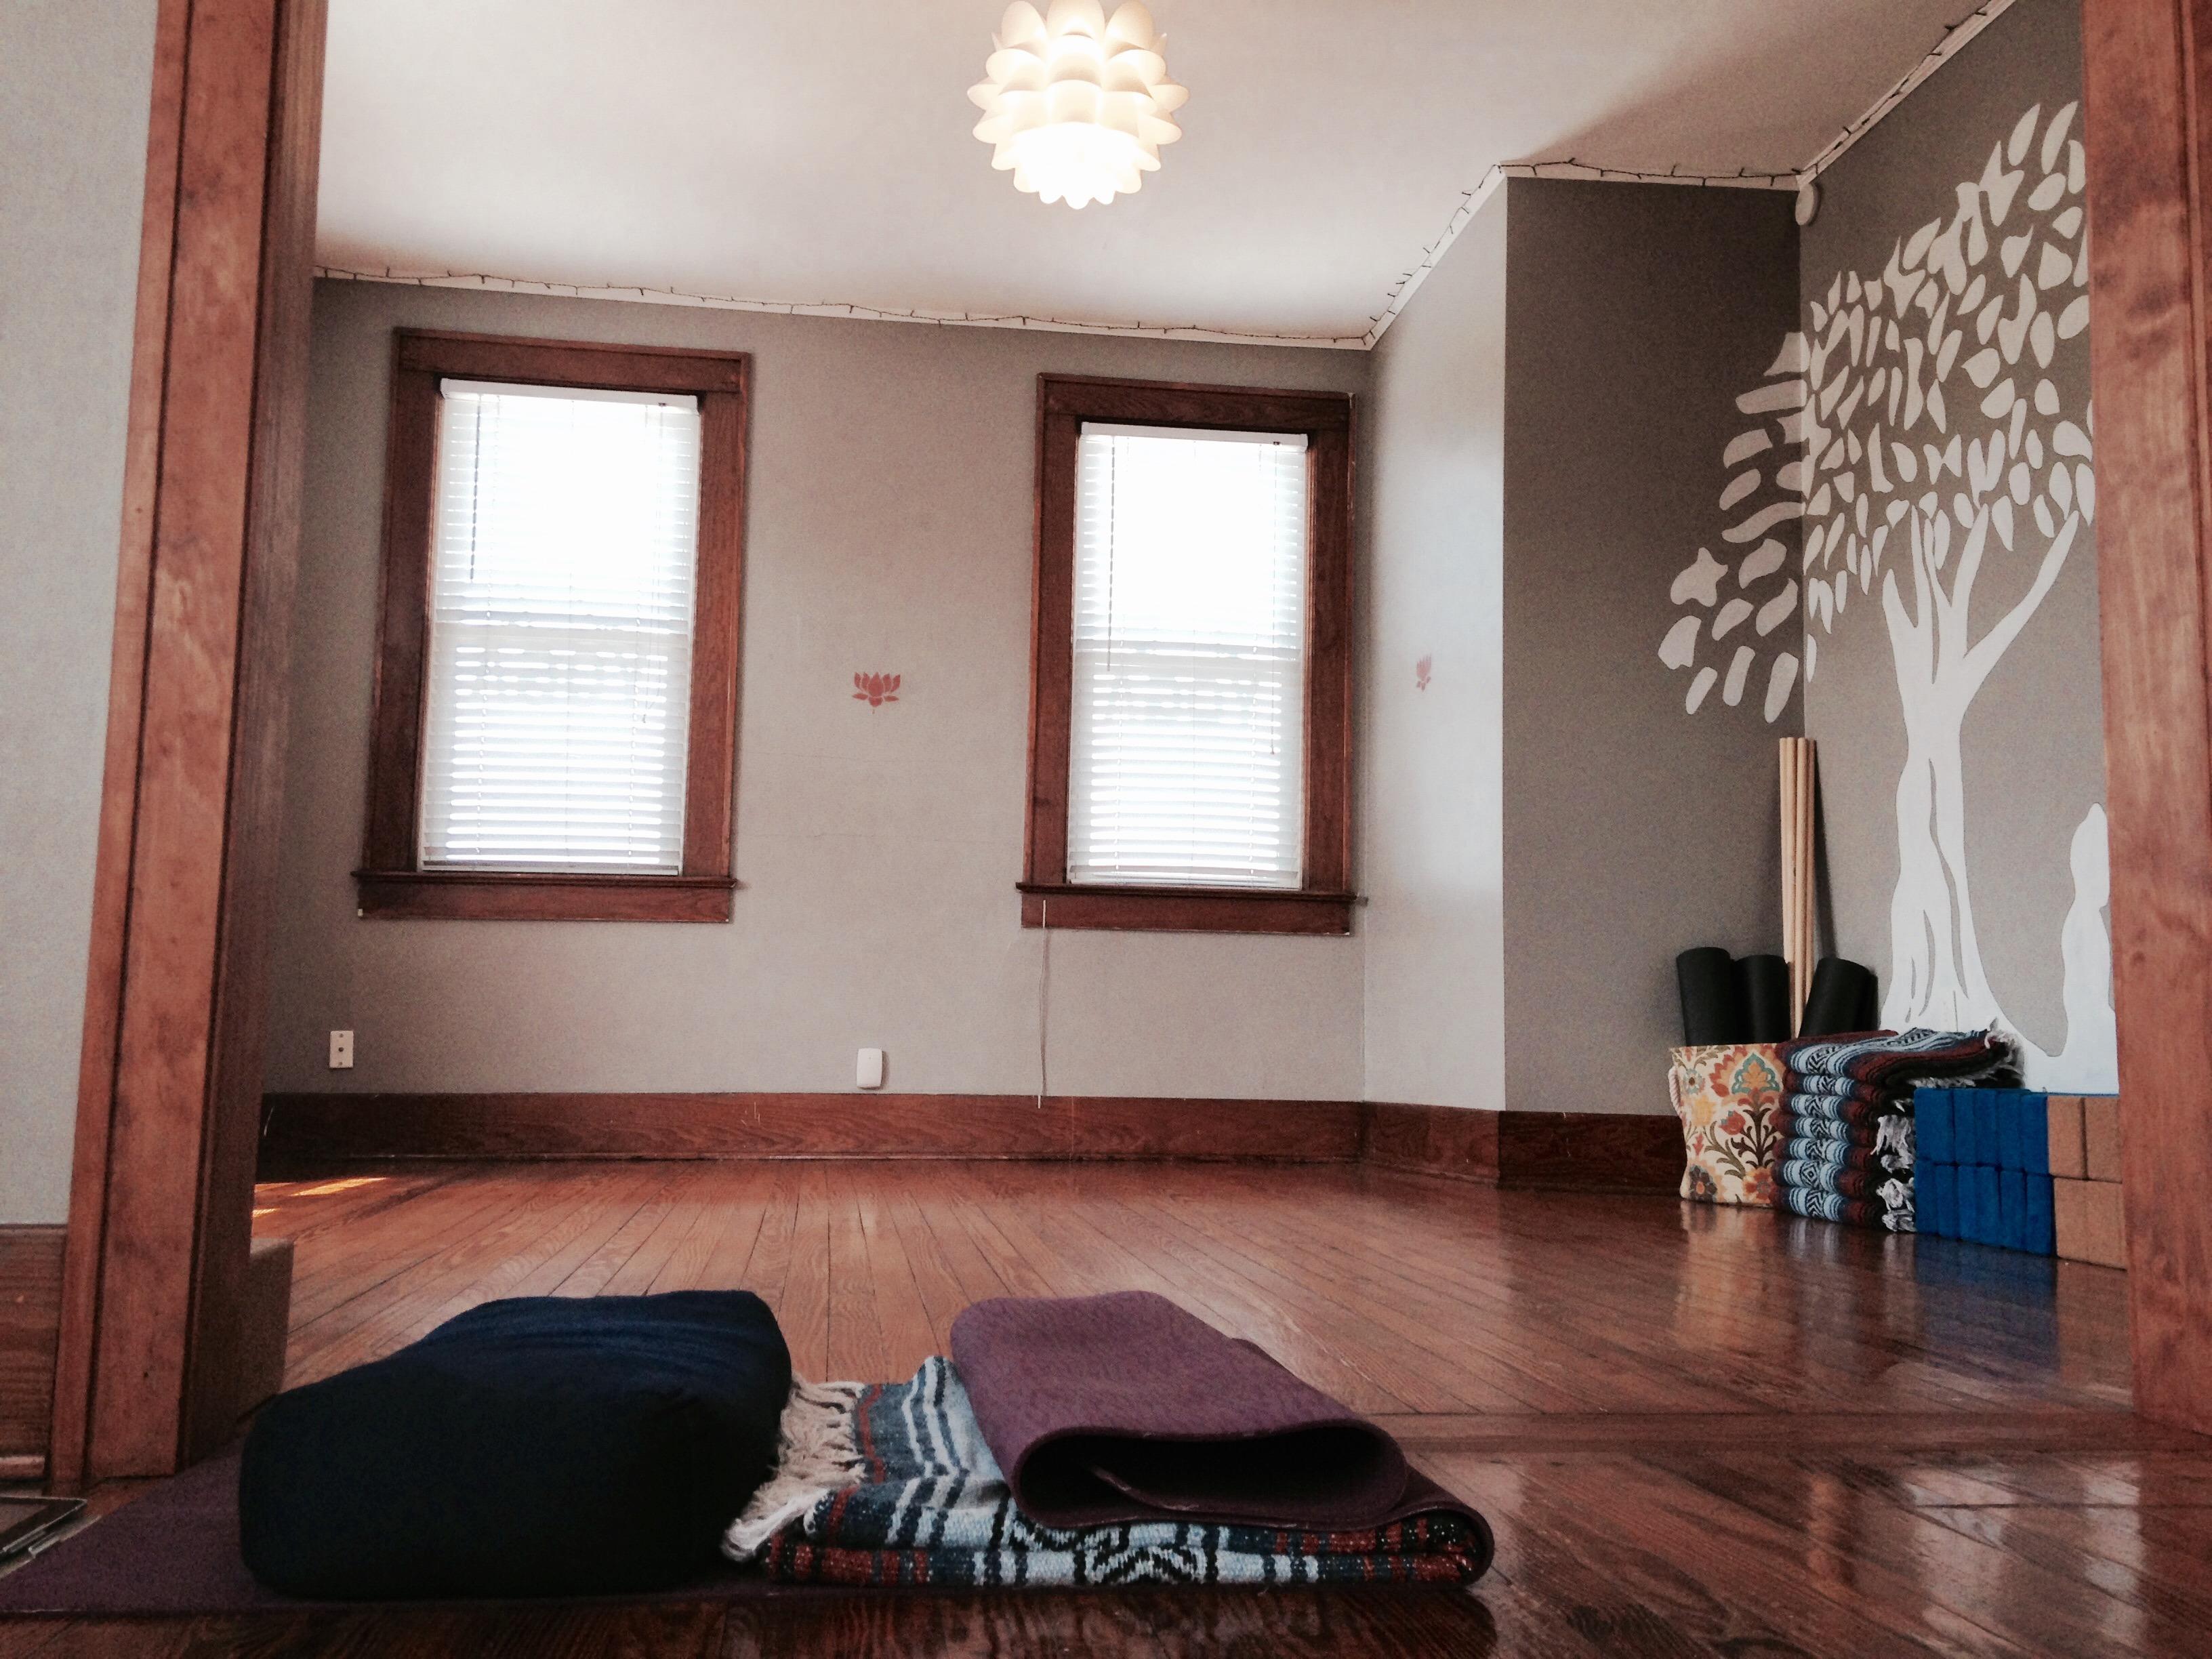 Barefoot Yoga Studio image 1